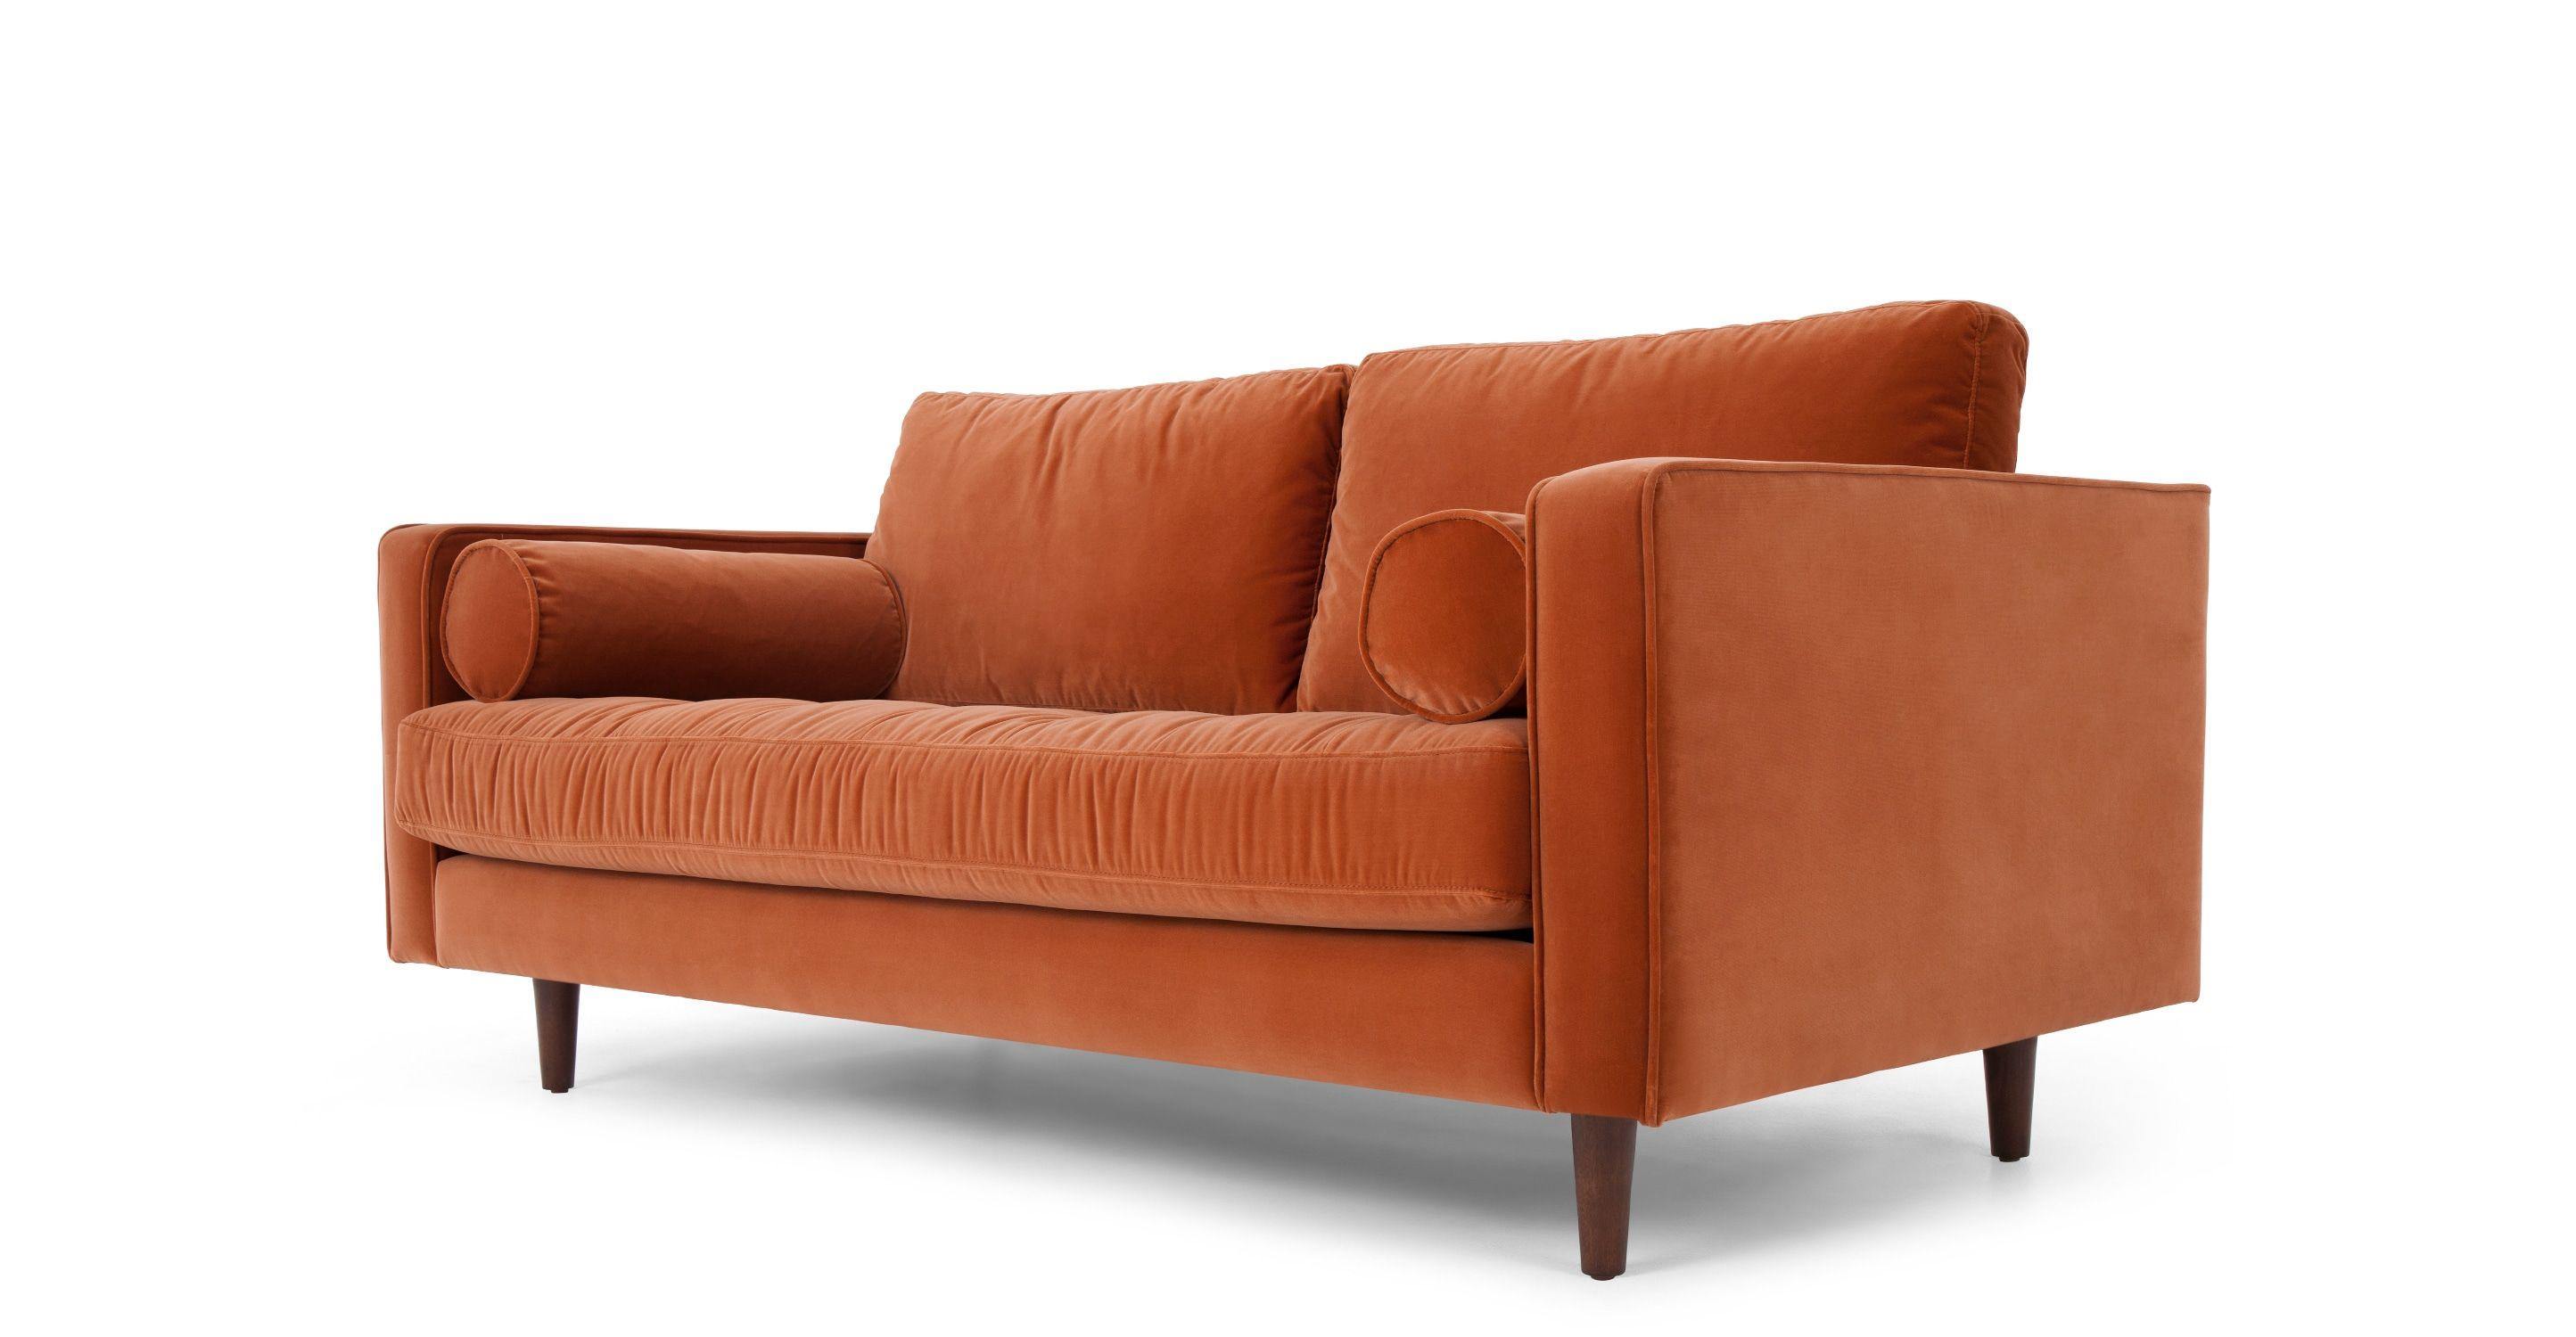 Scott breites 2 Sitzer Sofa Samt in Rostorange MADE Jetzt